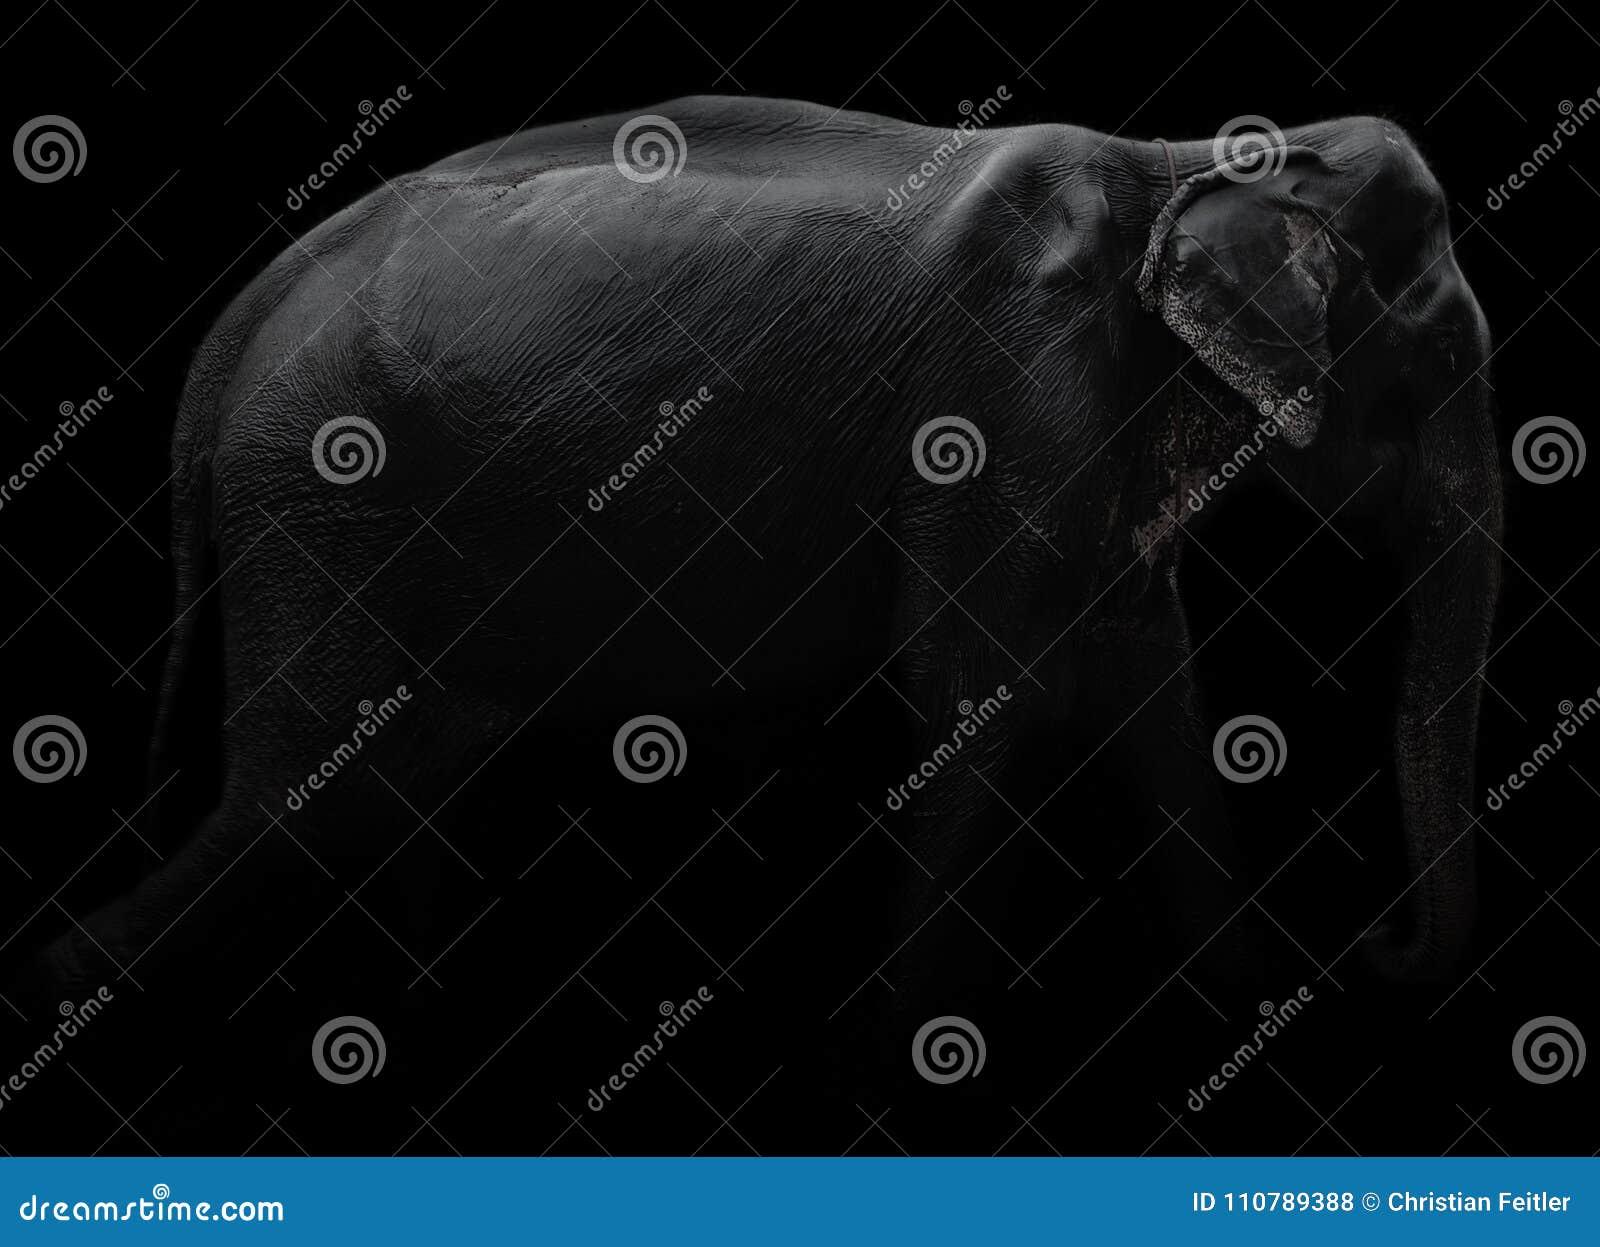 Elefante com fundo preto